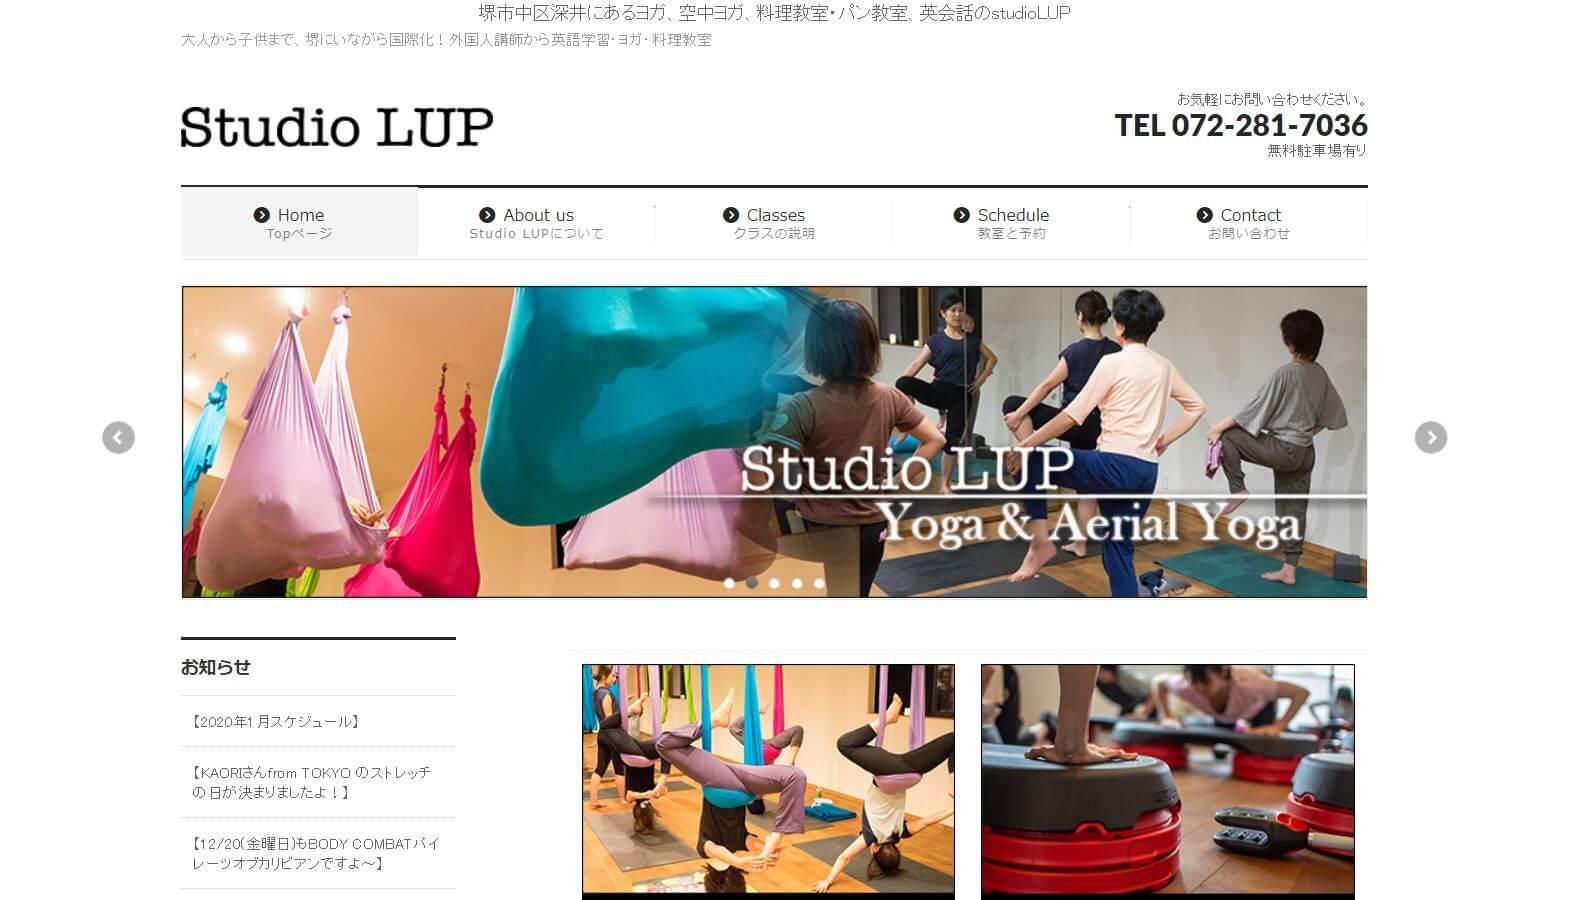 Studio LUP